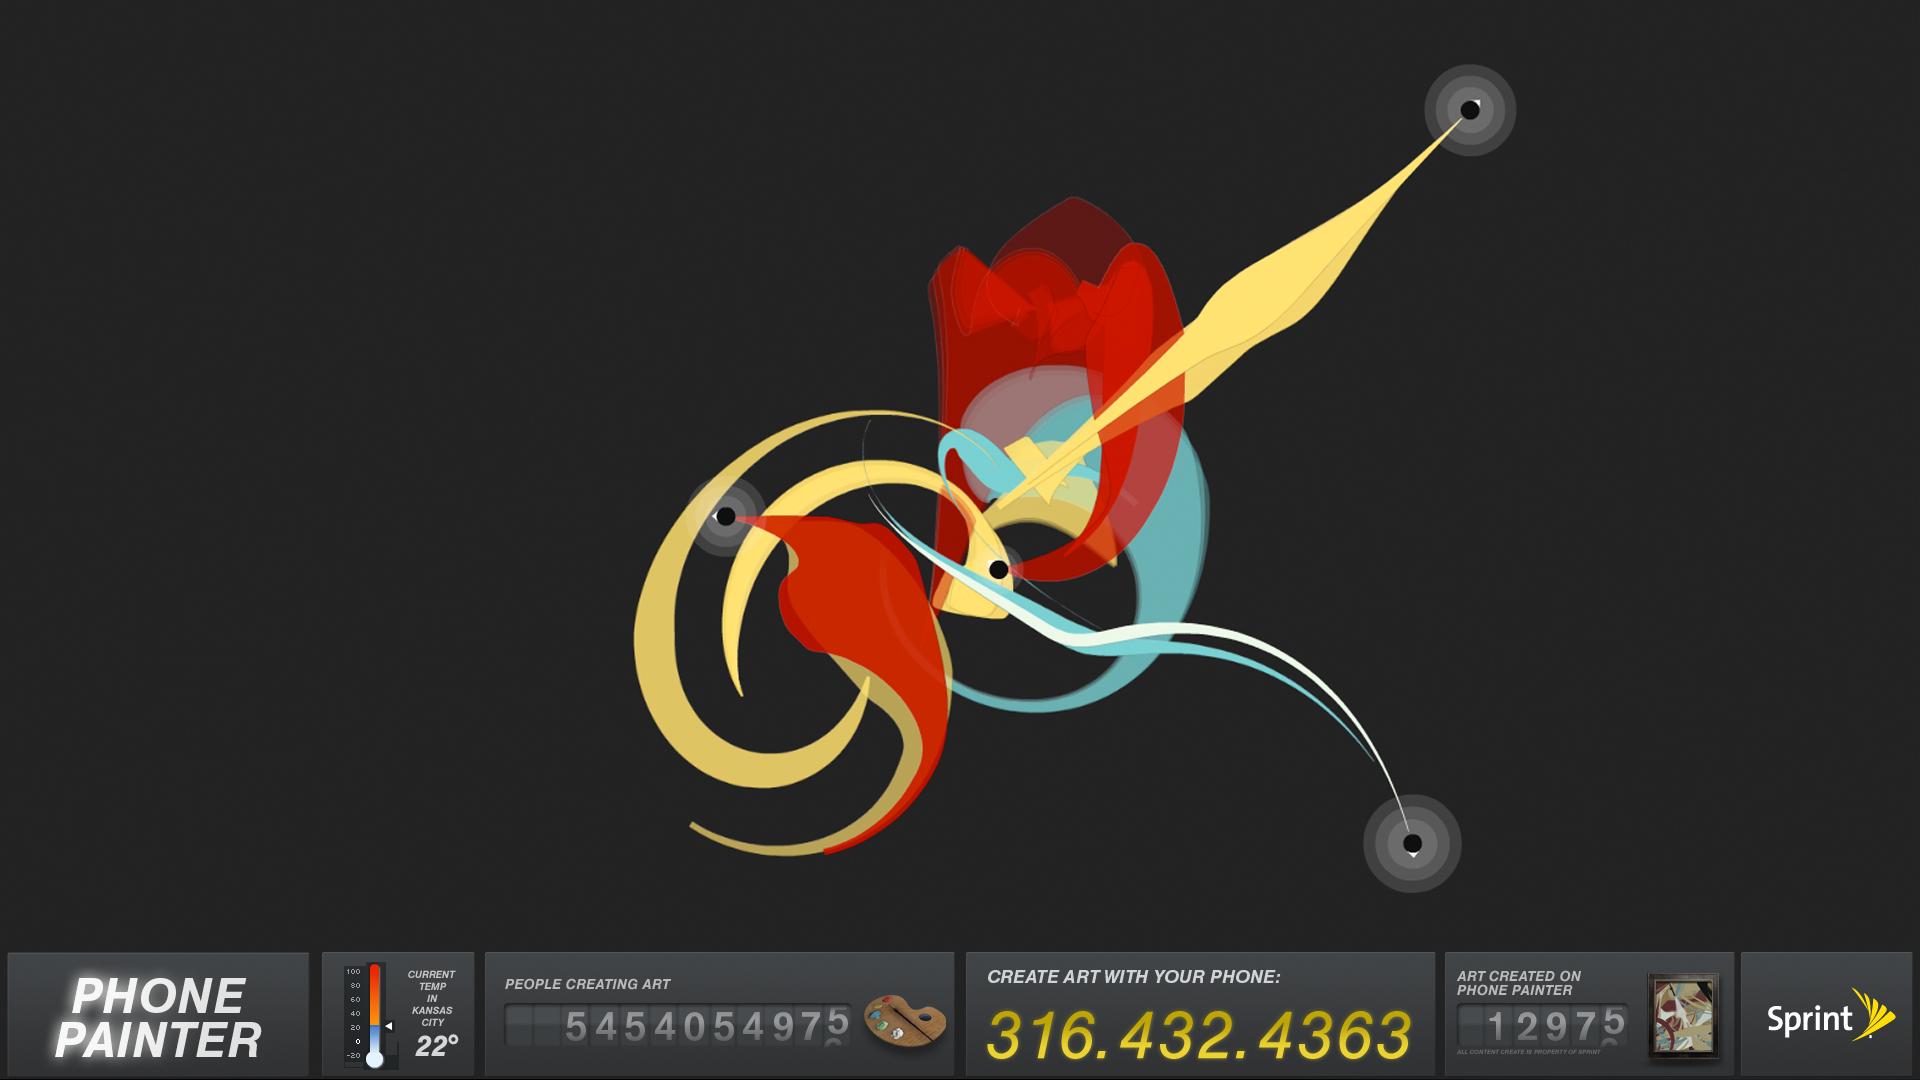 PhonePainter_01.jpg